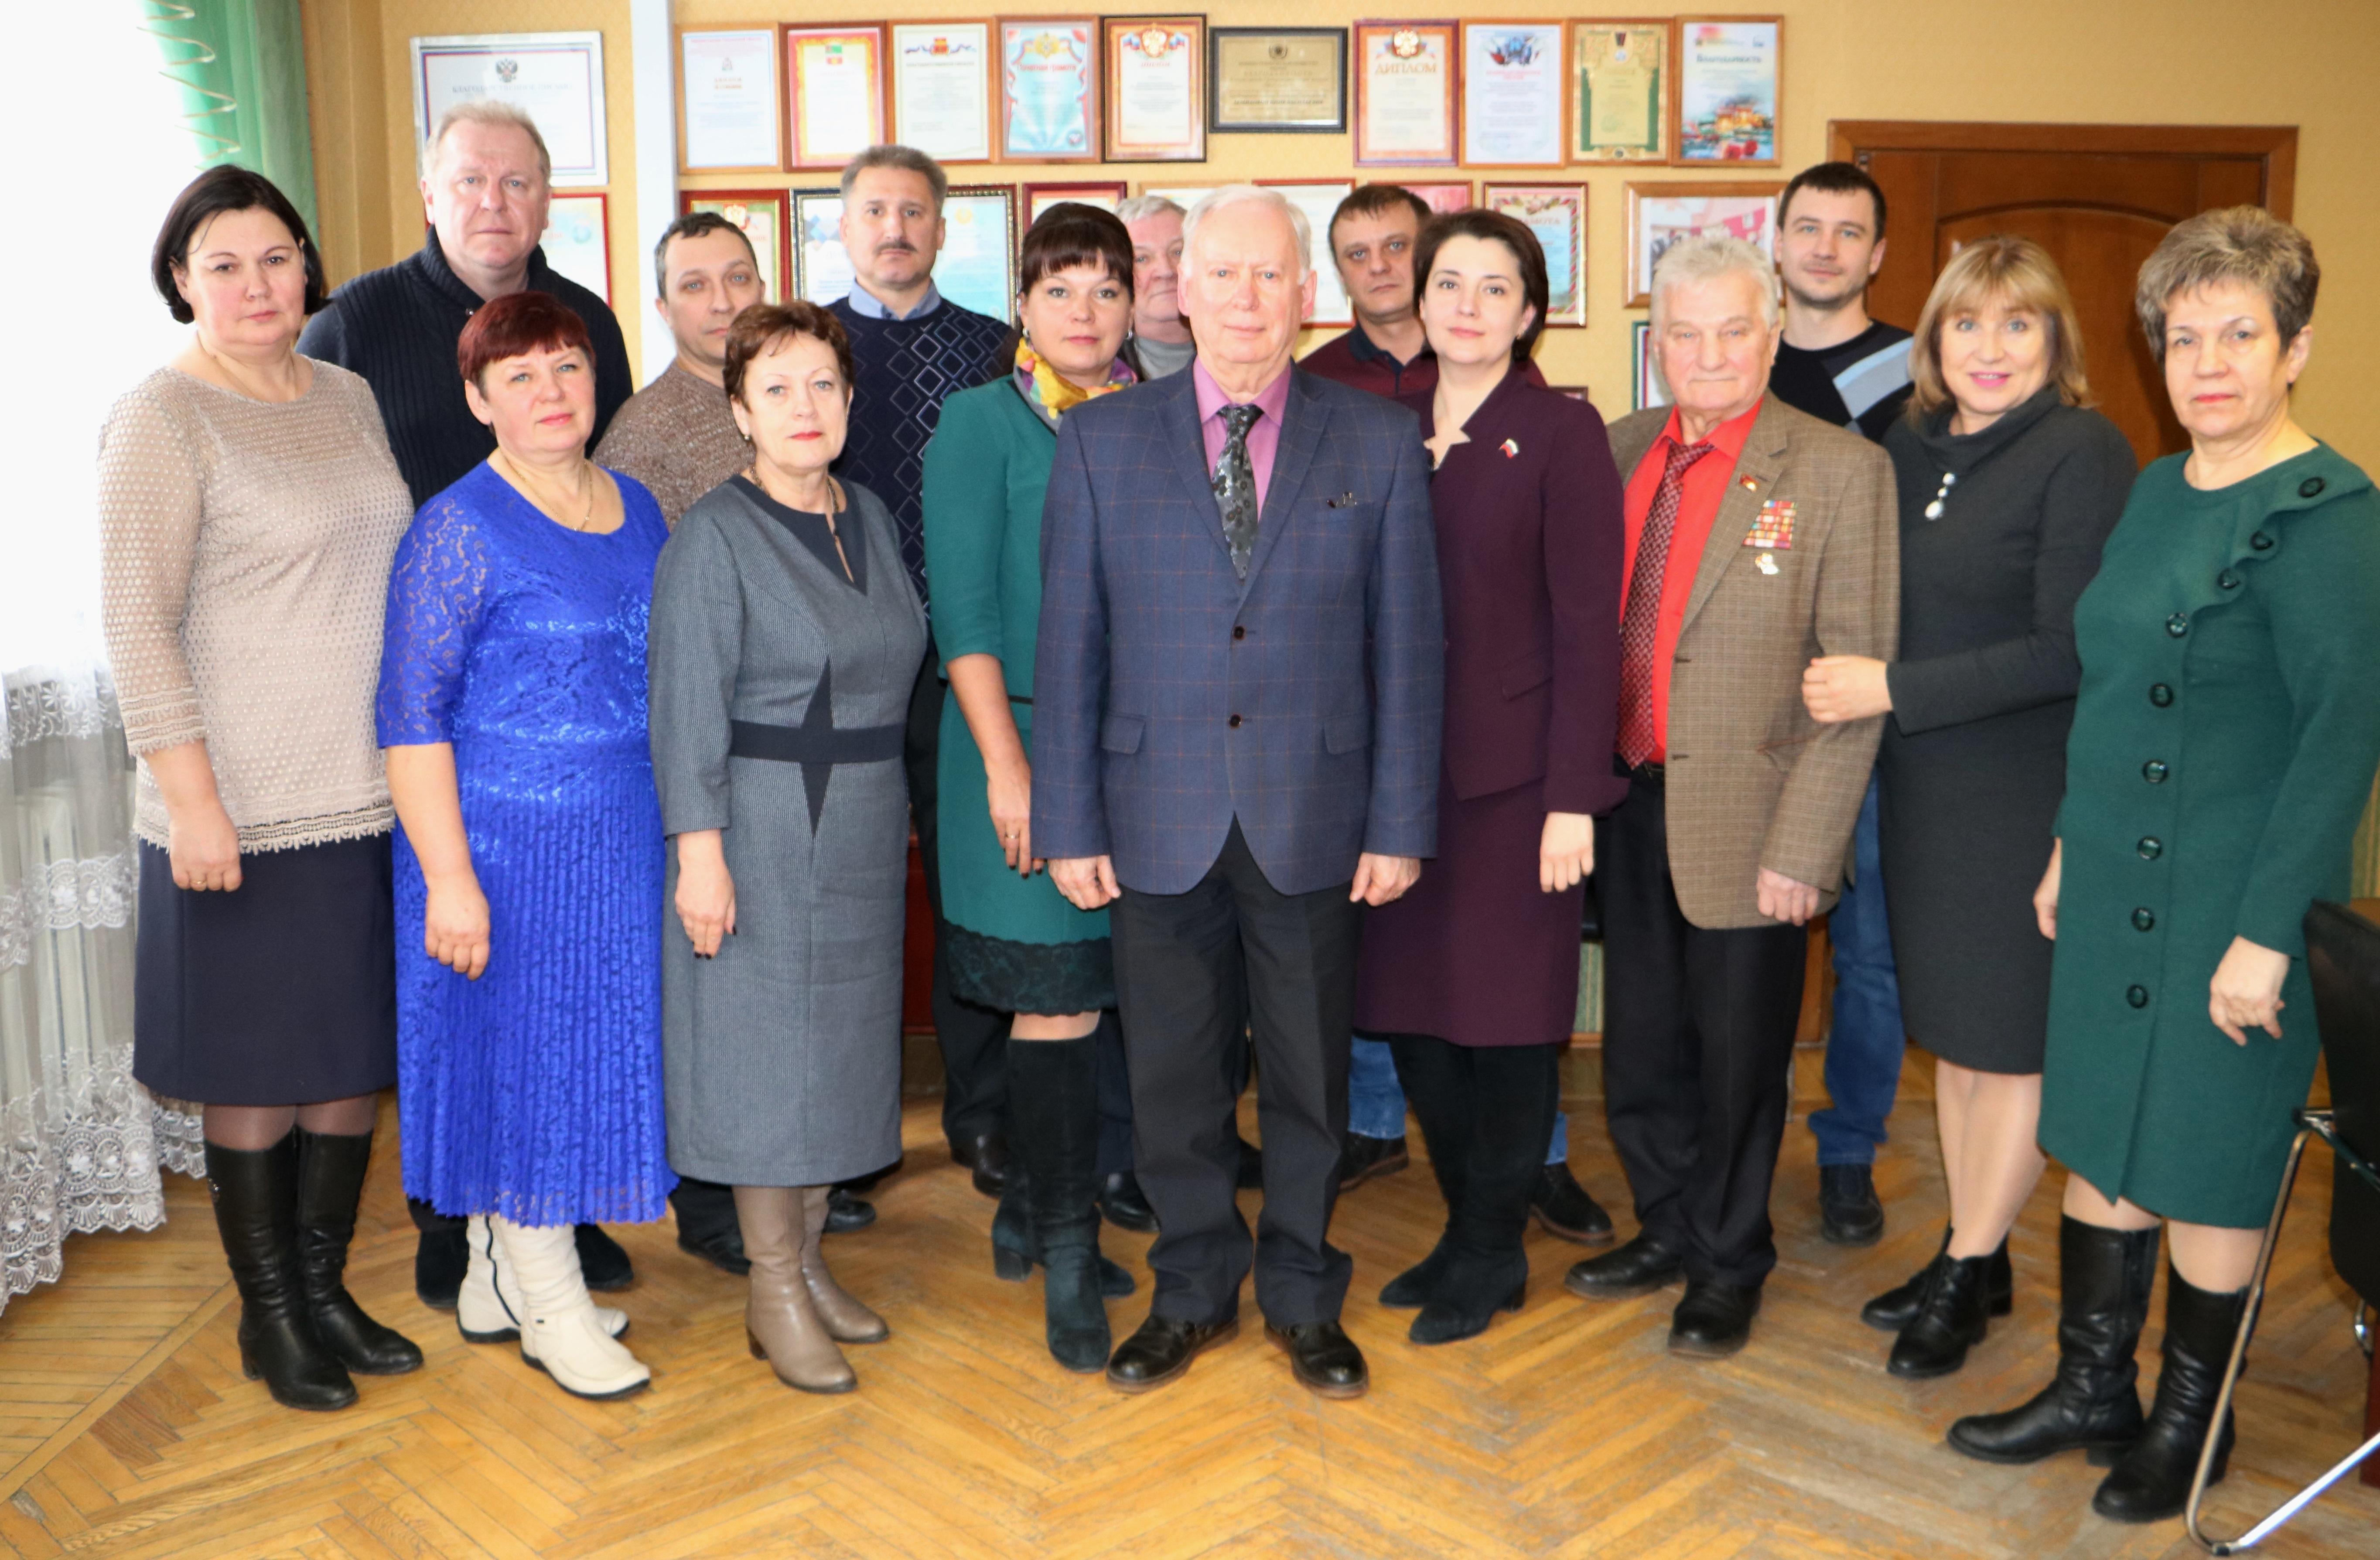 Председатель Вяземского районного Совета депутатов П.В.Хомайко досрочно сложила полномочия